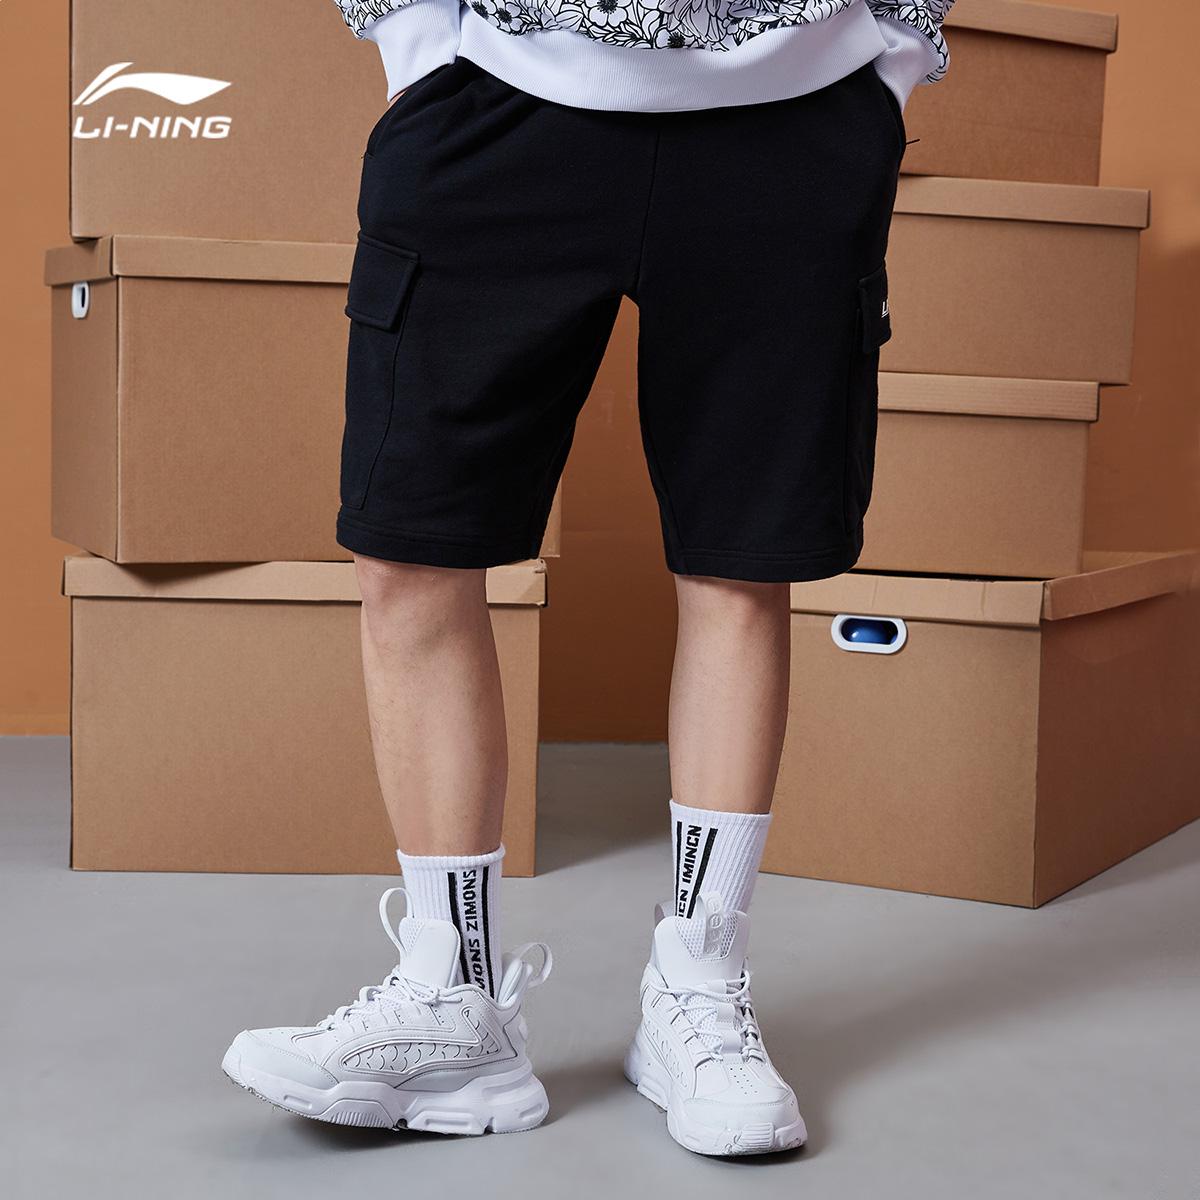 李宁短卫裤男士2019新款运动时尚系列裤子夏季休闲宽松运动短裤男热销186件有赠品